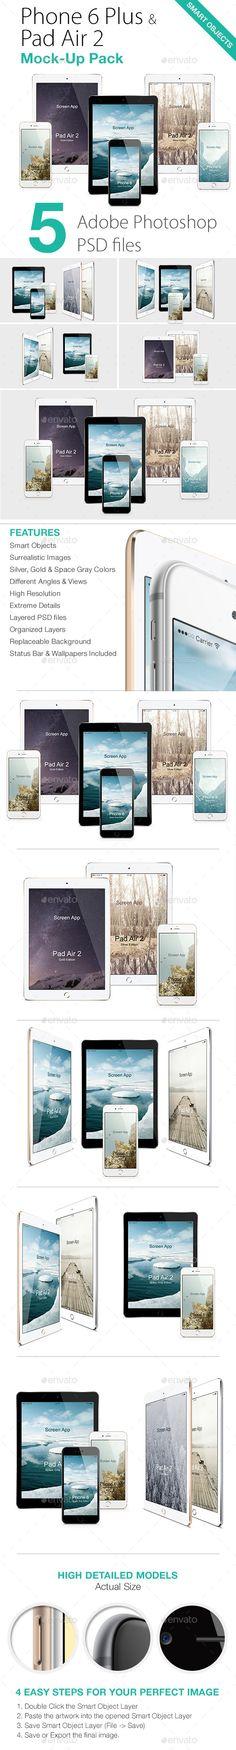 Phone 6 & Pad Air 2 Mock-Ups Pack